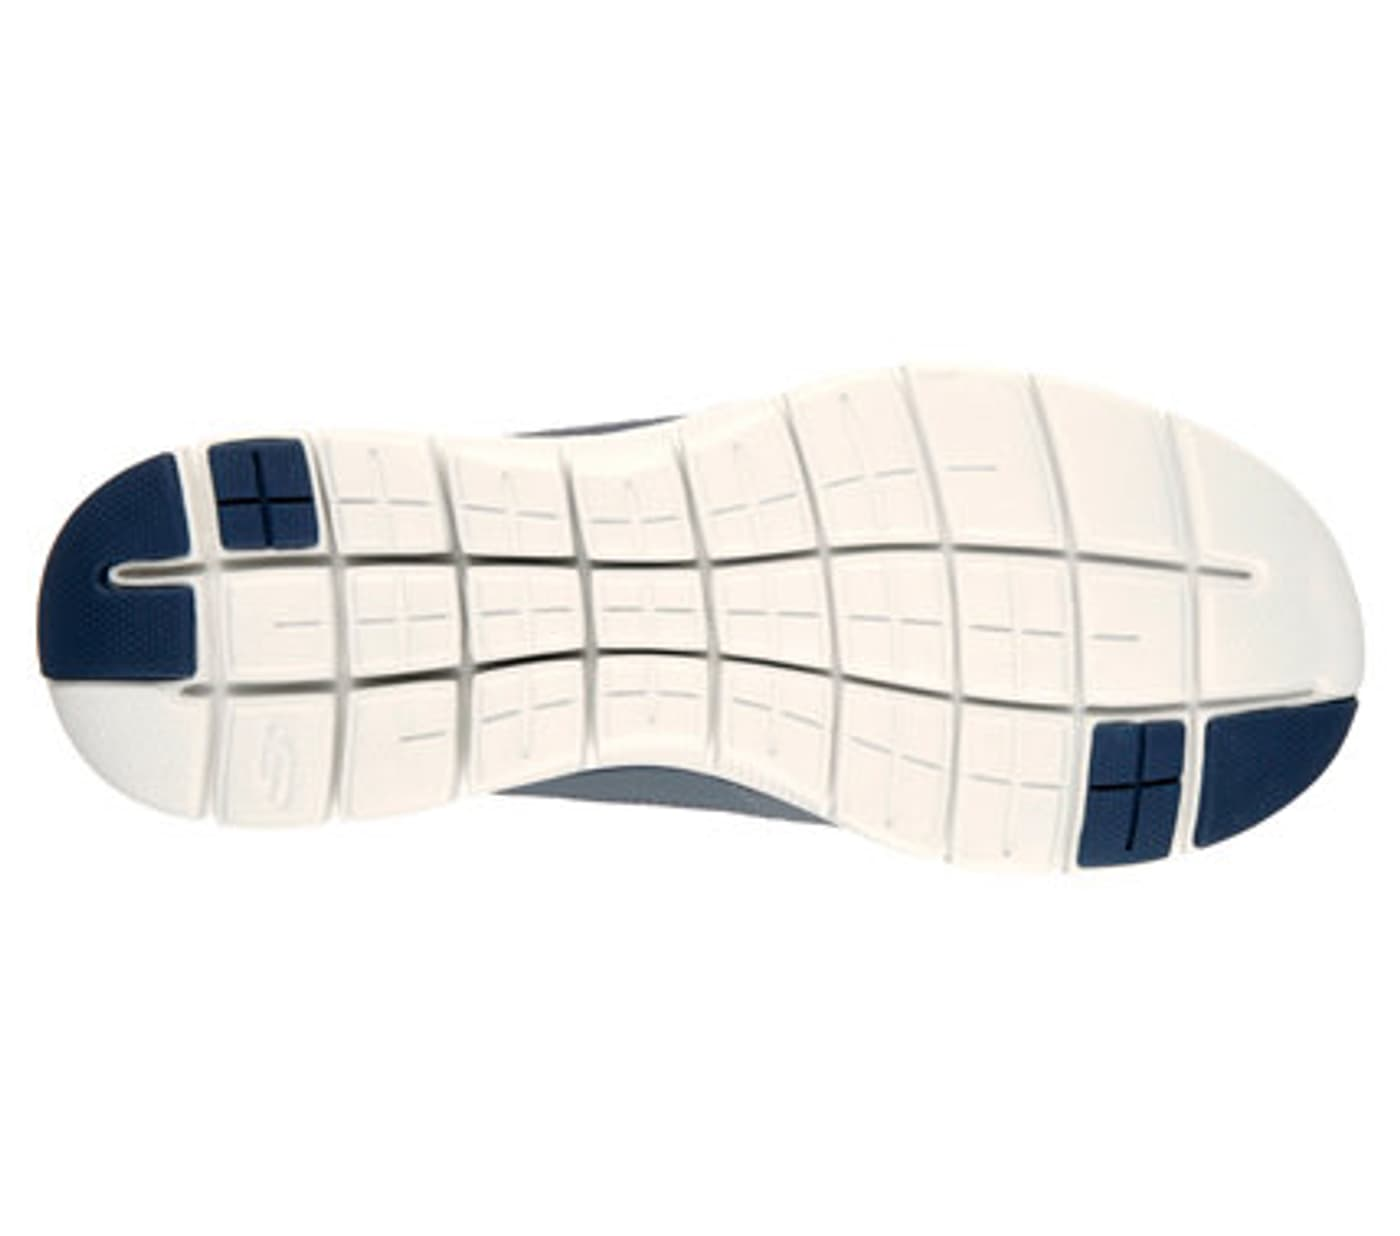 2 0 De Flex Skechers Loisirs Pour Homme Chaussures Advantage ZiOlwTPXku